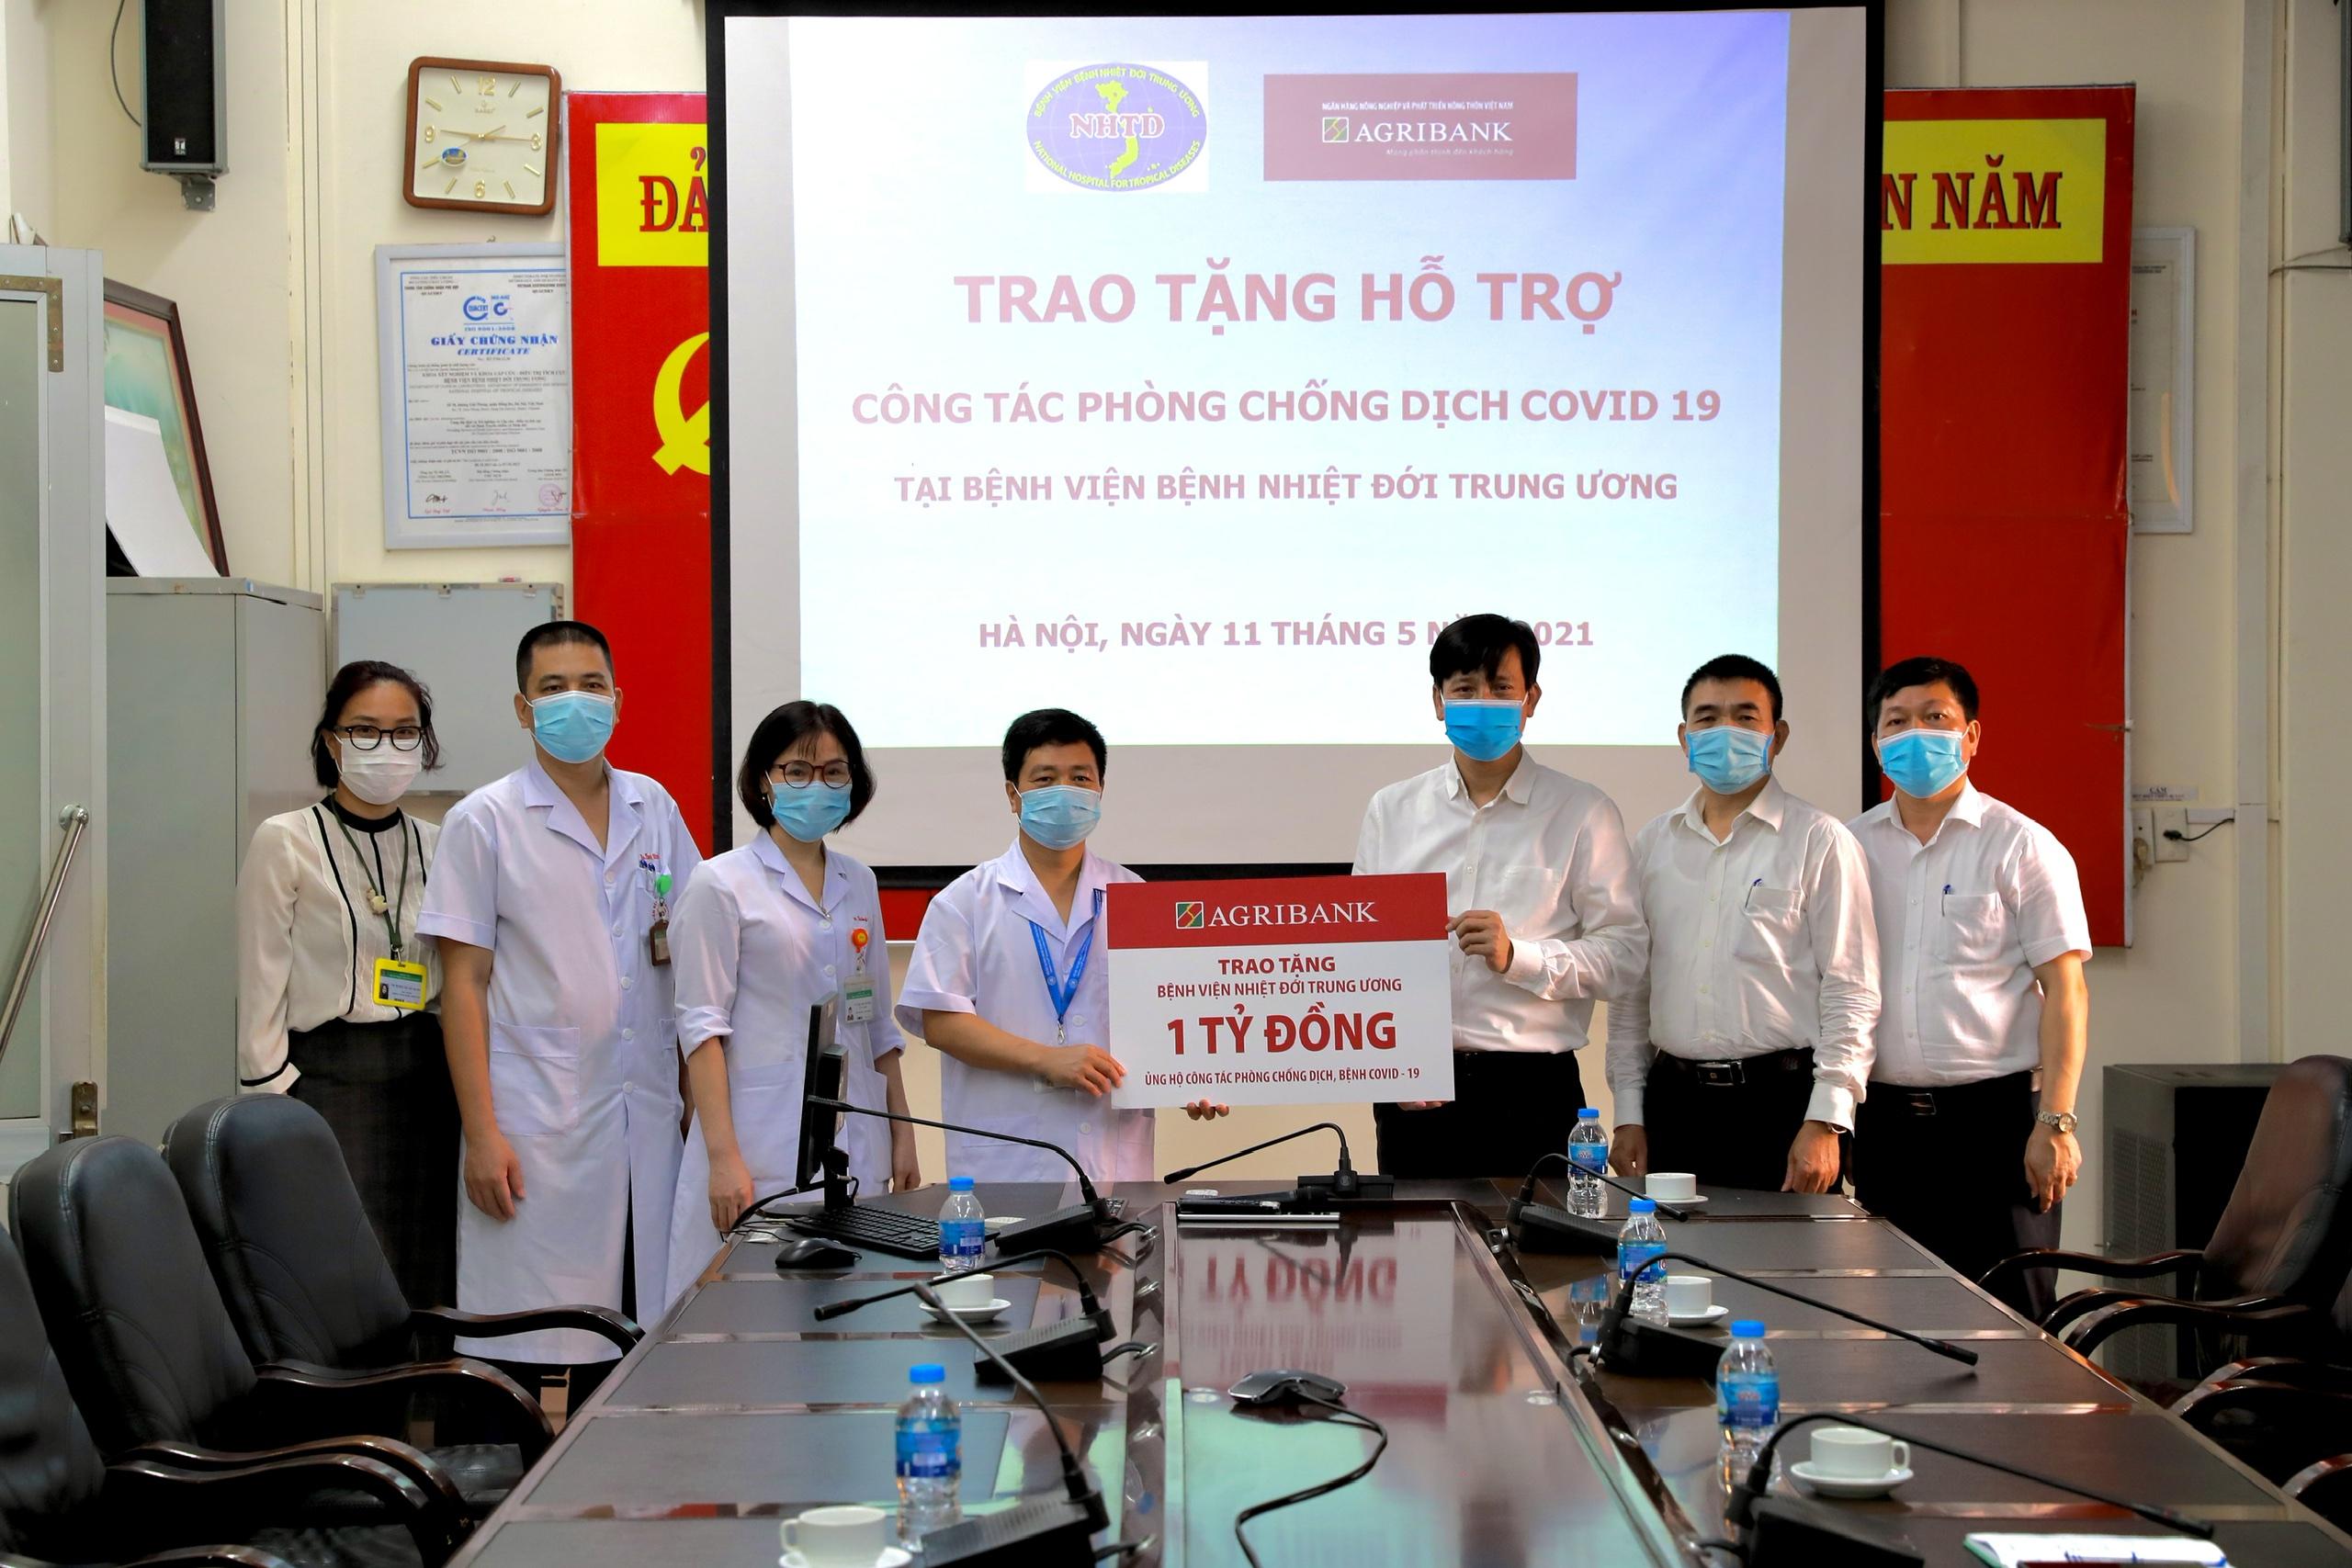 Agribank hỗ trợ Bệnh viện bệnh nhiệt đới Trung ương phòng chống Covid-19 - Ảnh 1.